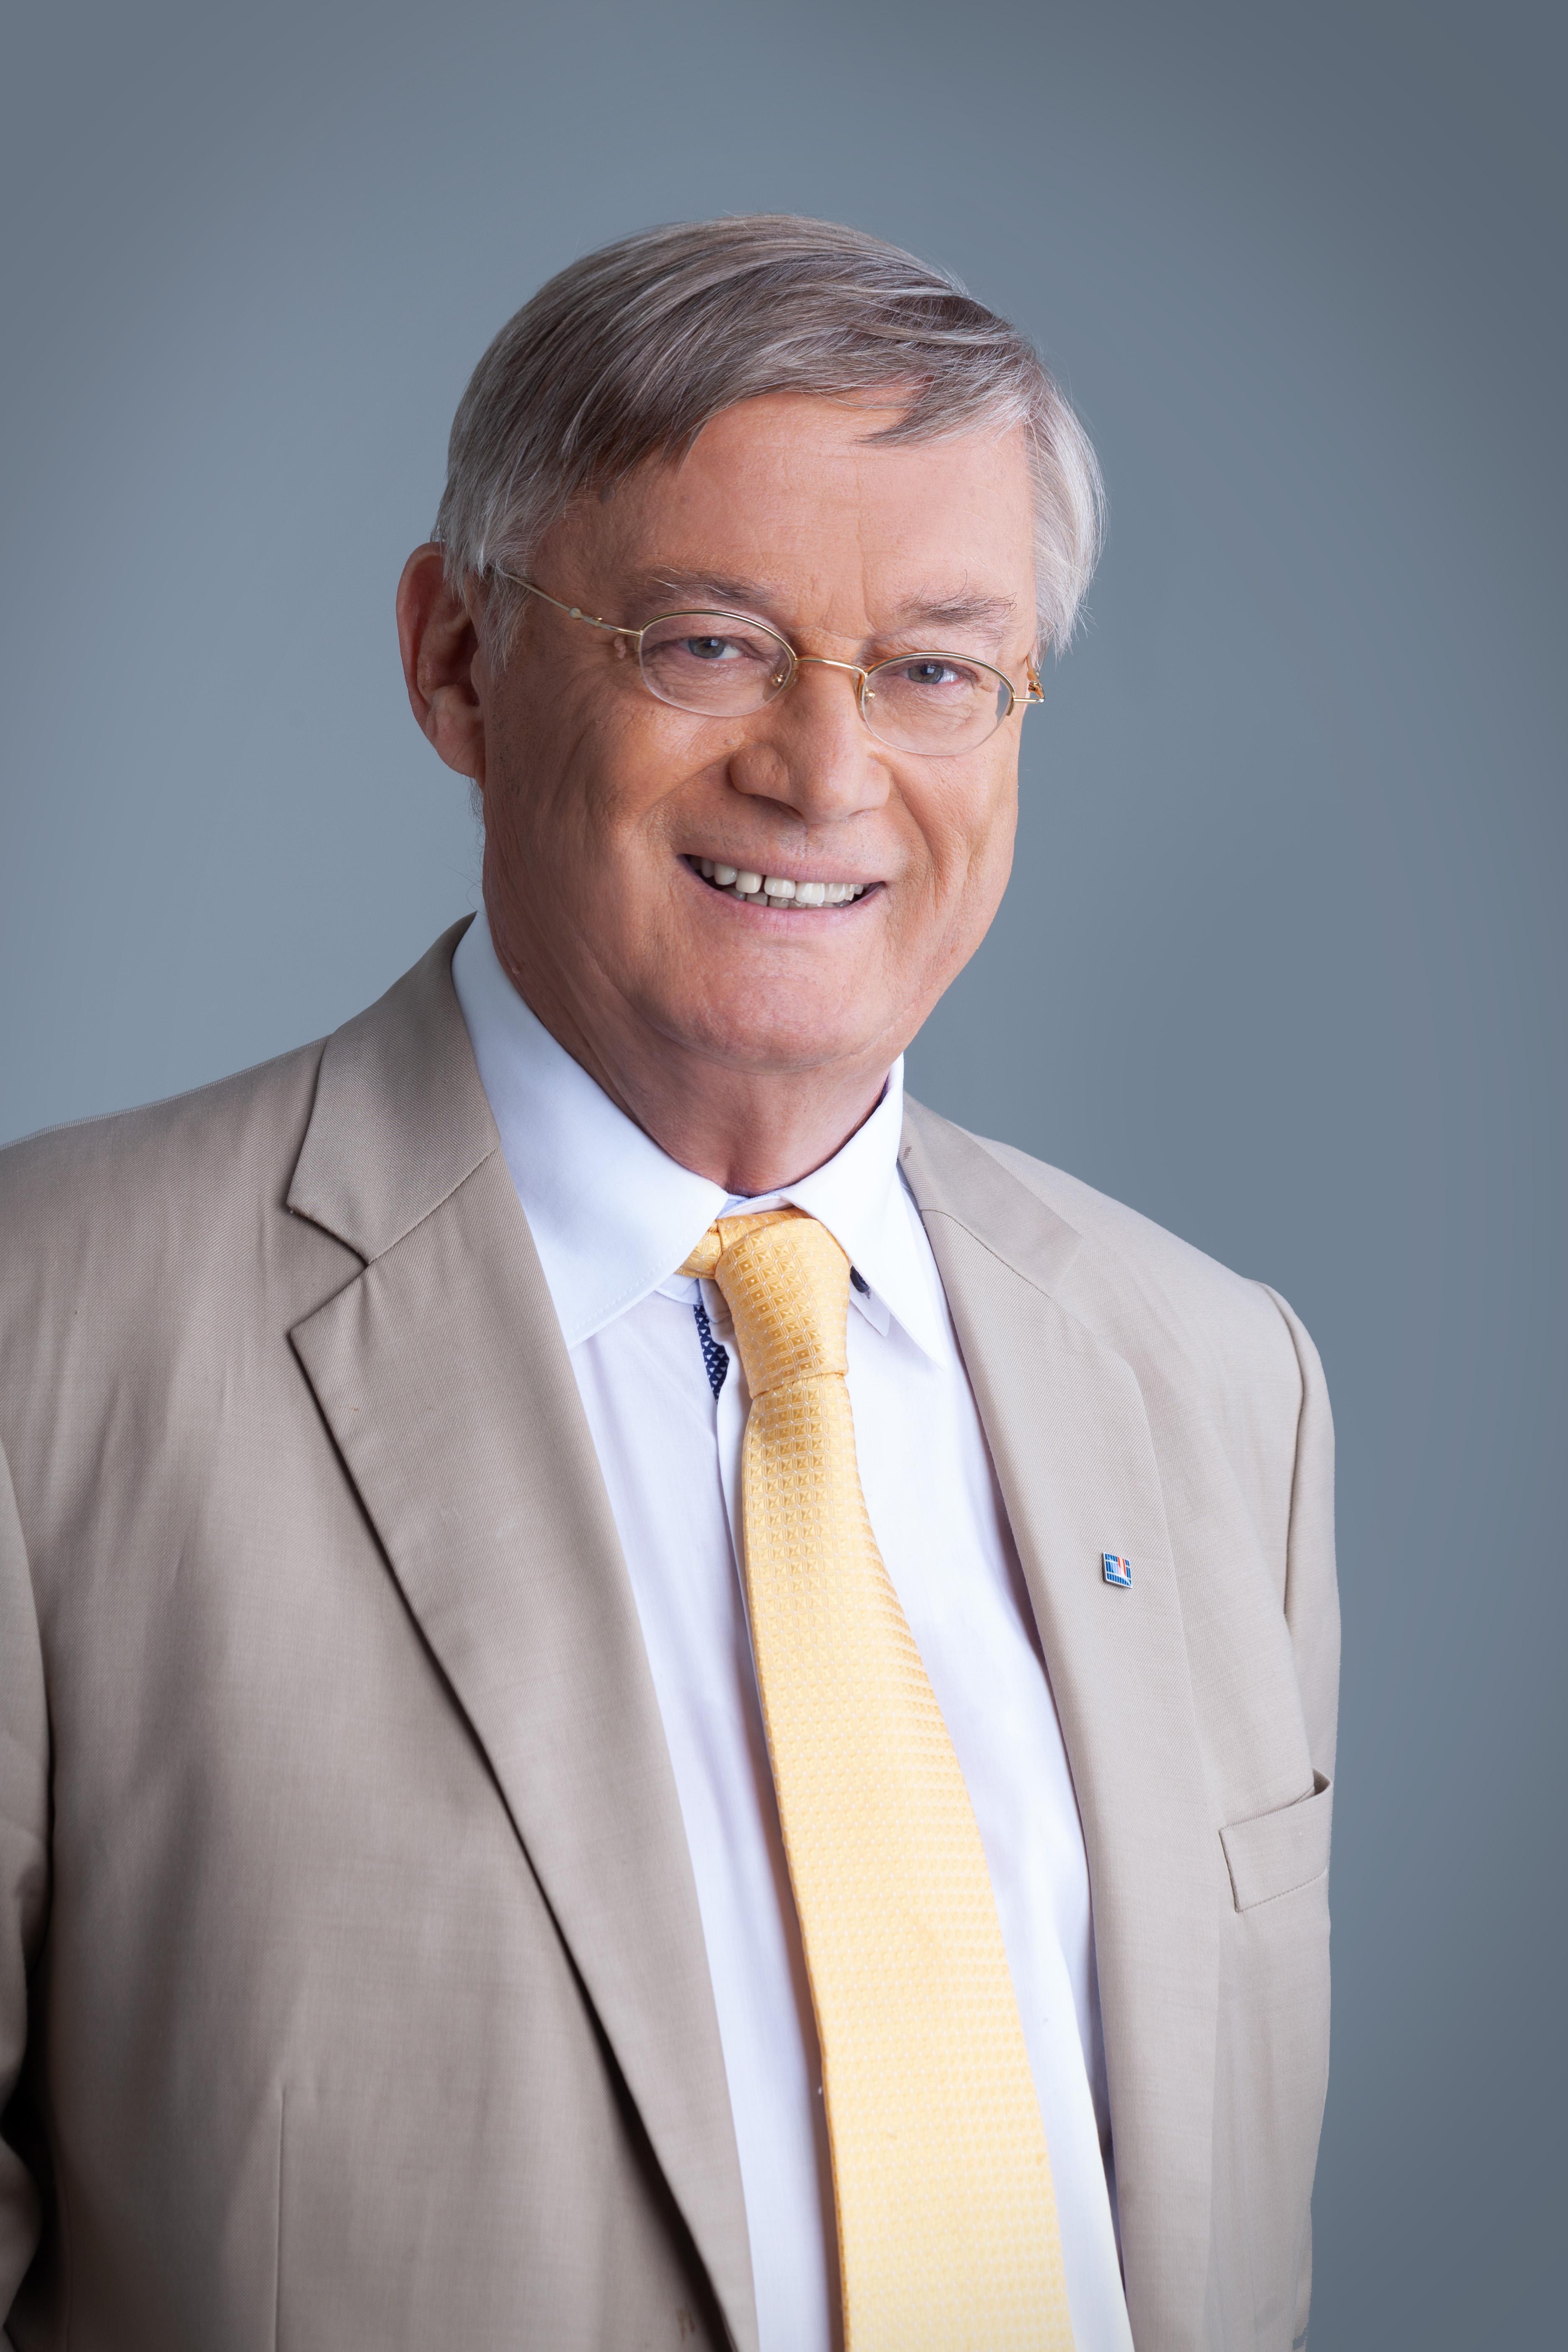 Präsident (2008-07/2018) Dr. Hans Kronberger © Foto Weinwurm GmbH